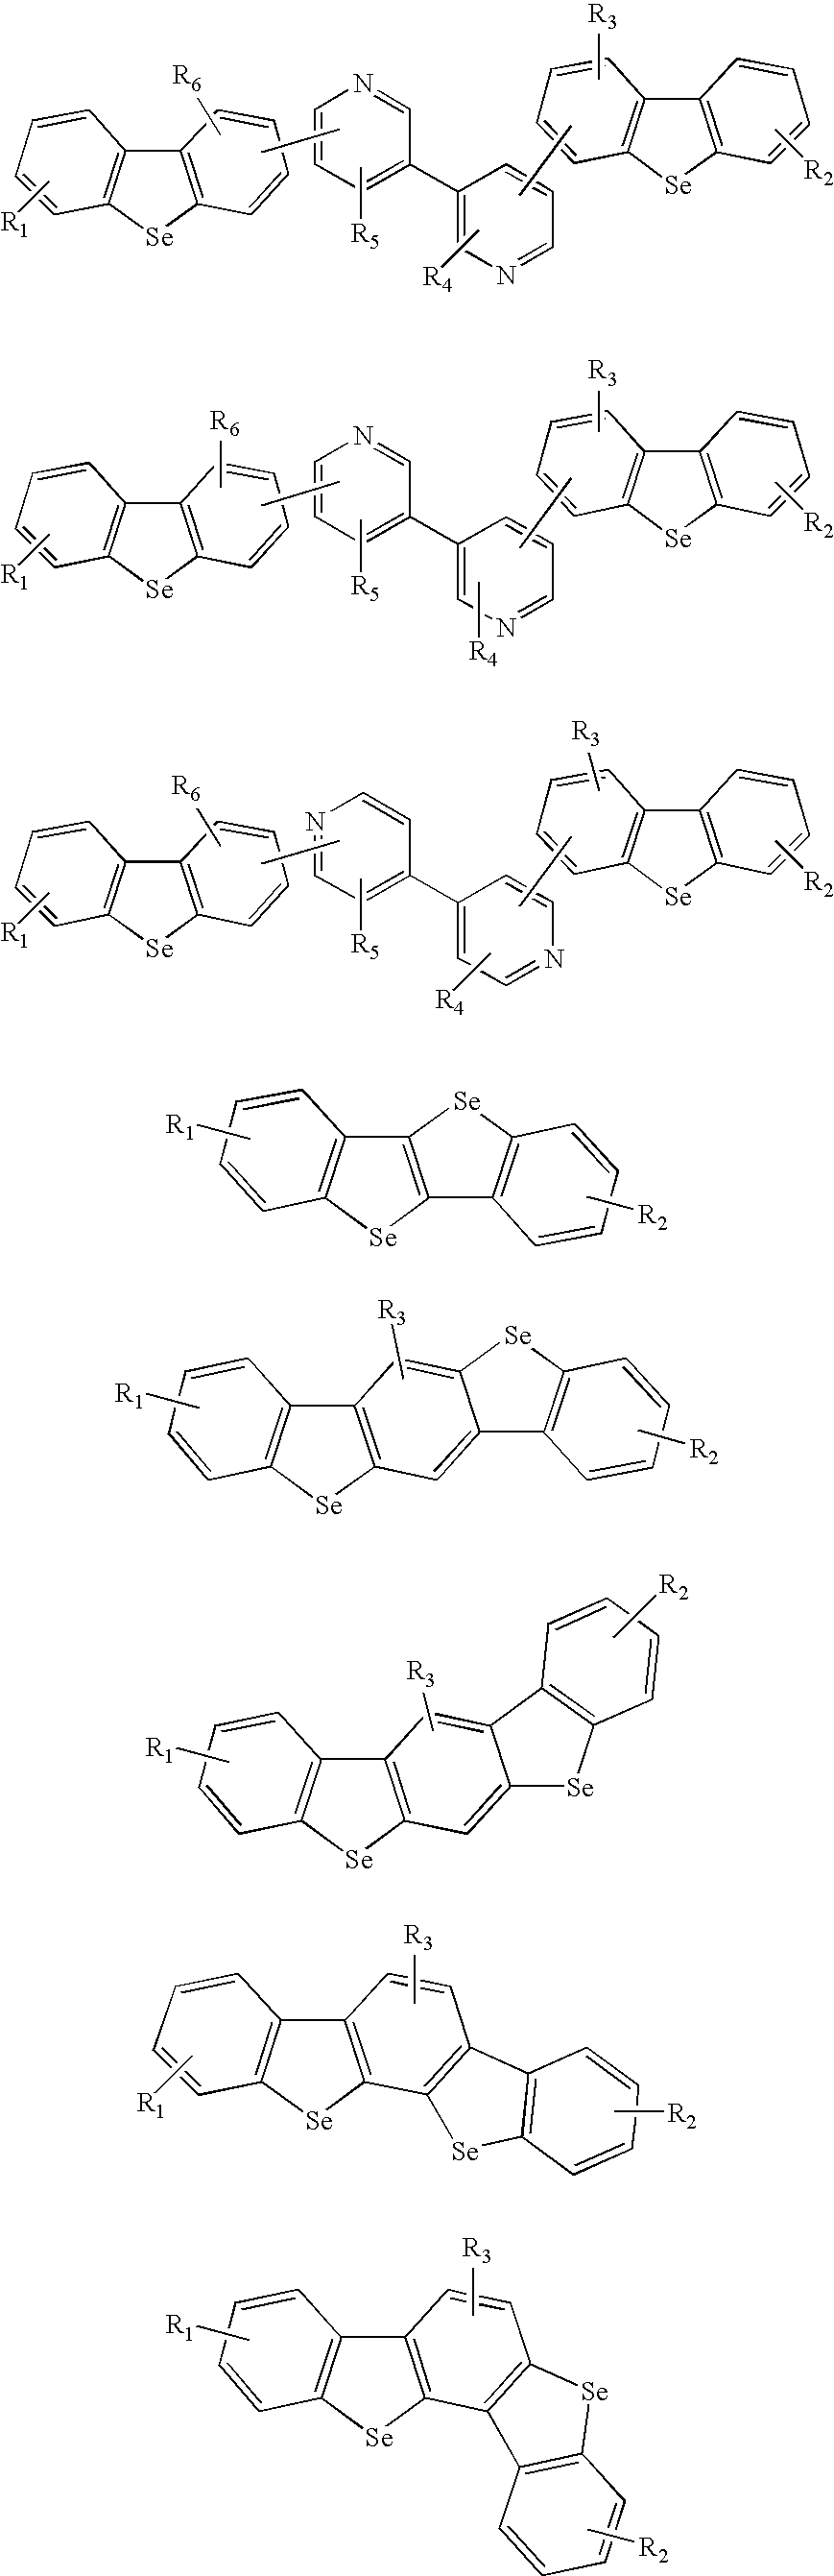 Figure US20100072887A1-20100325-C00193